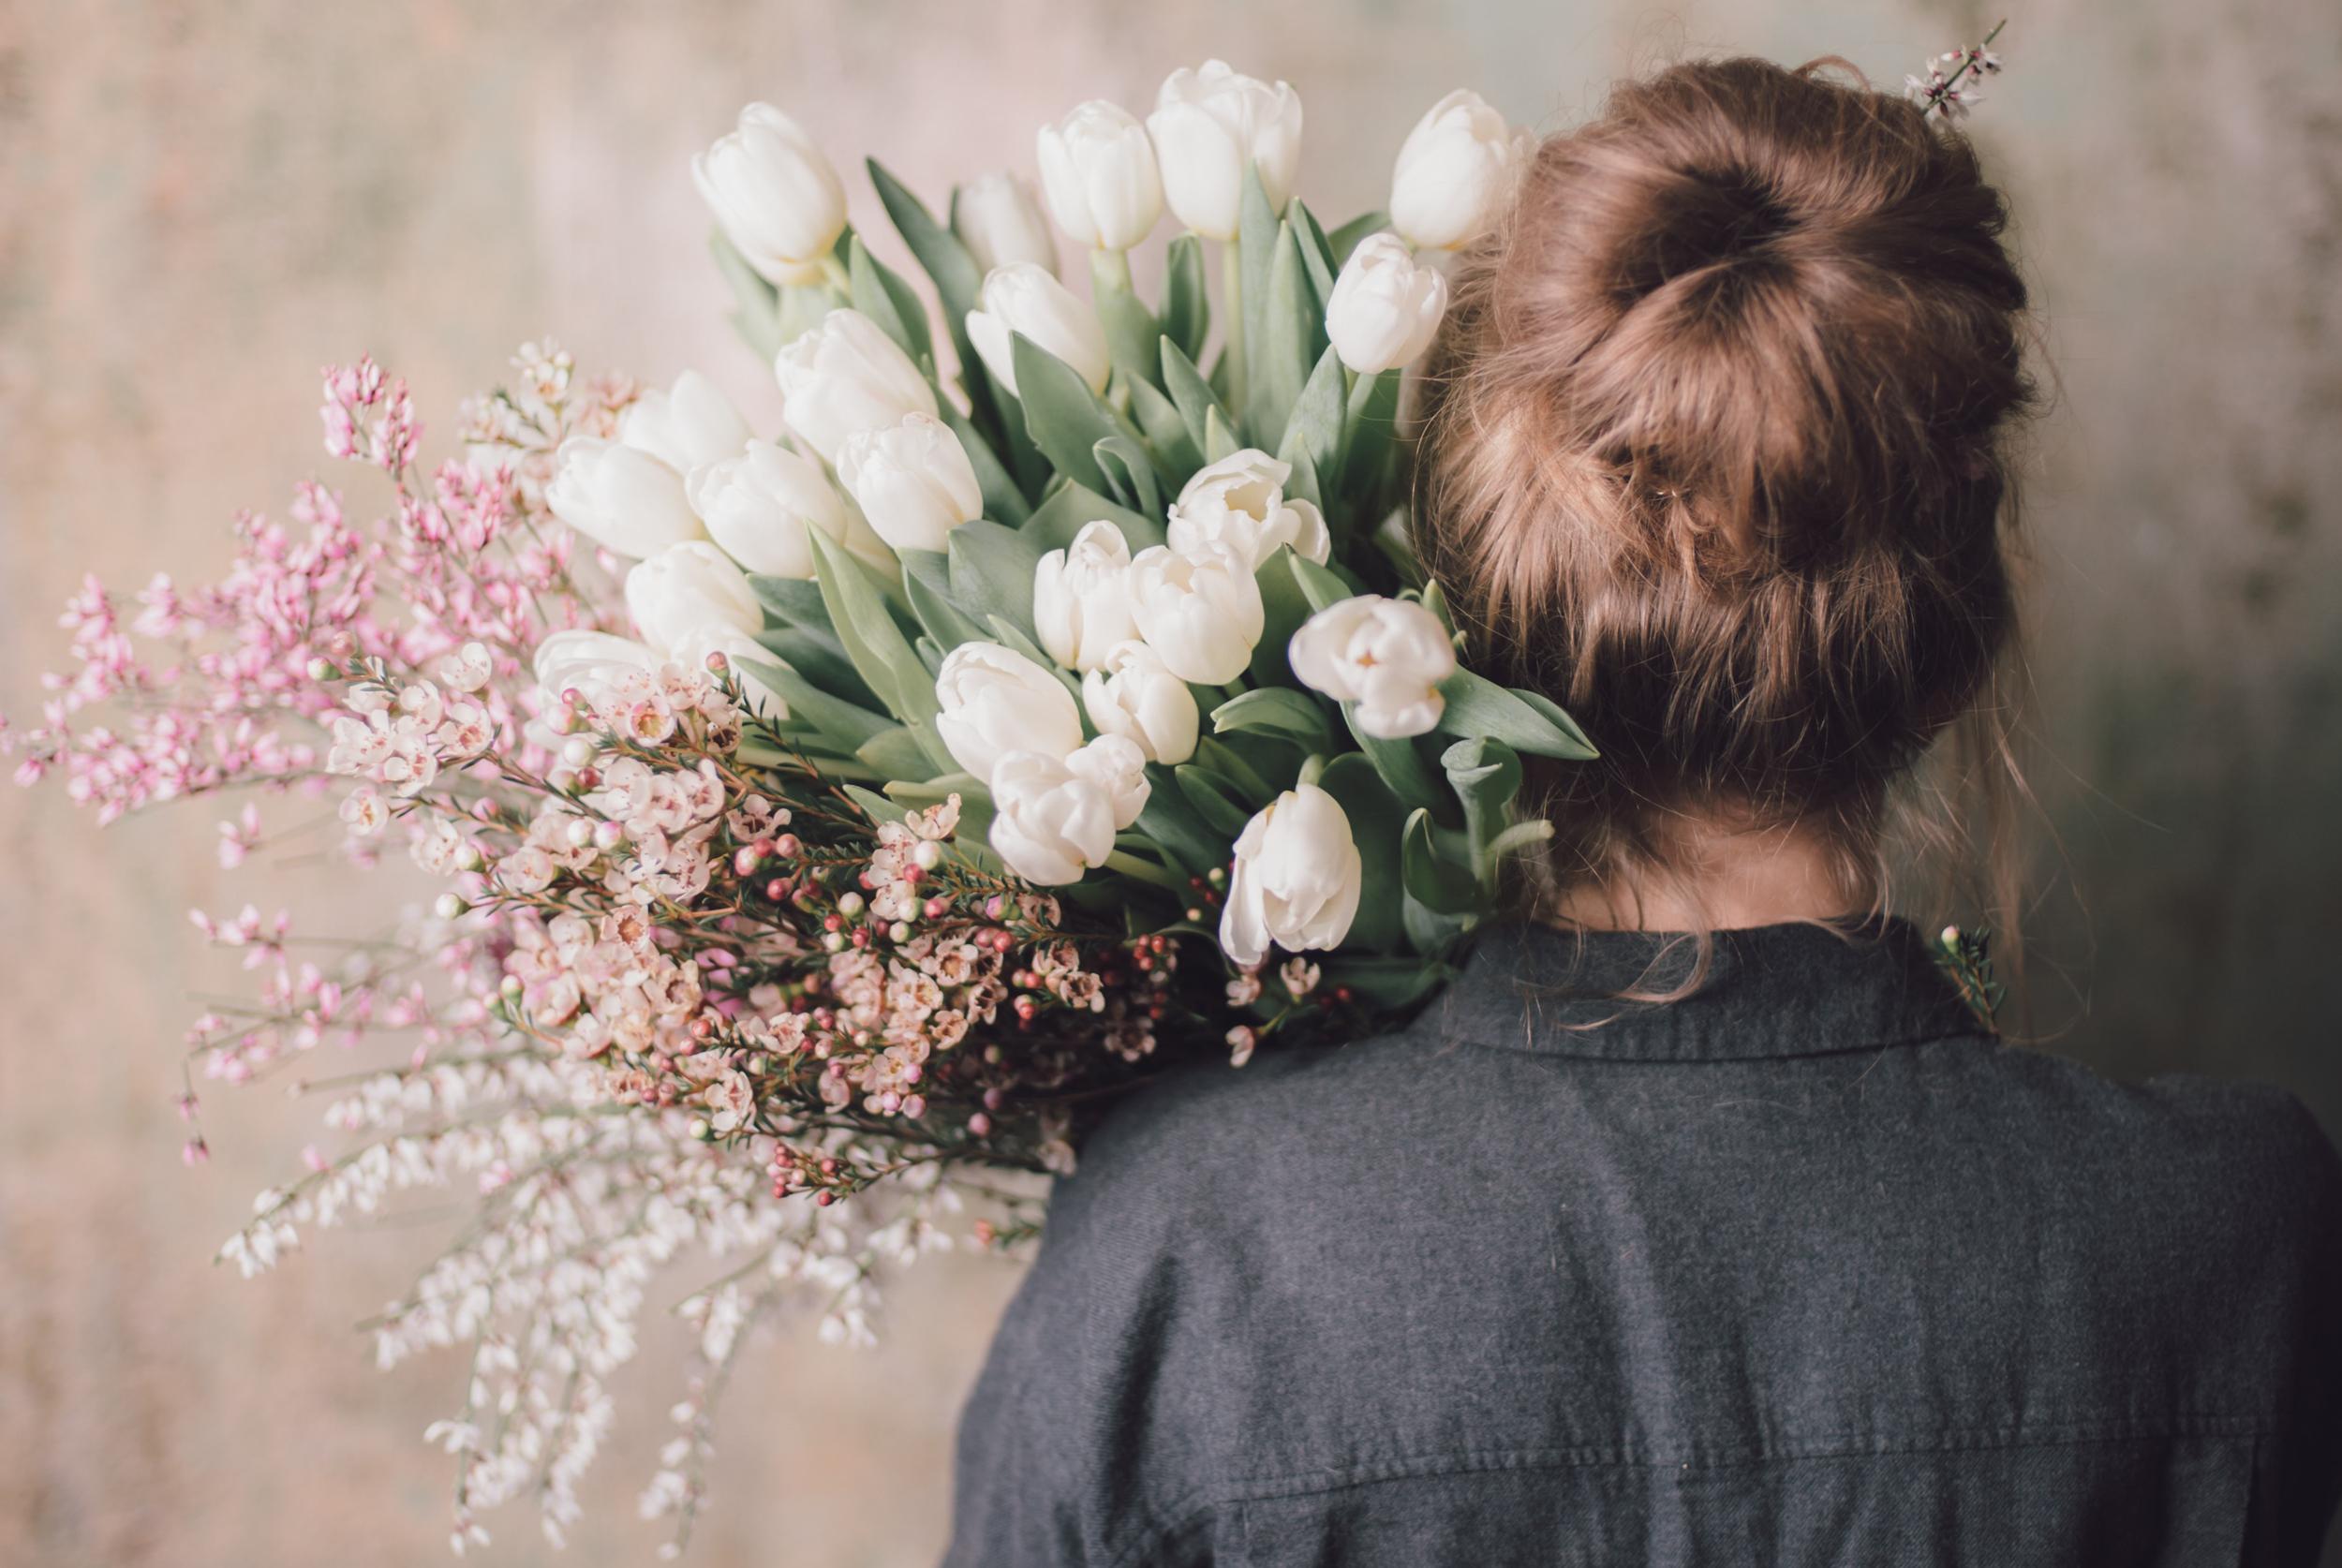 welke-bloemen-zijn-passend-voor-de-uitvaart